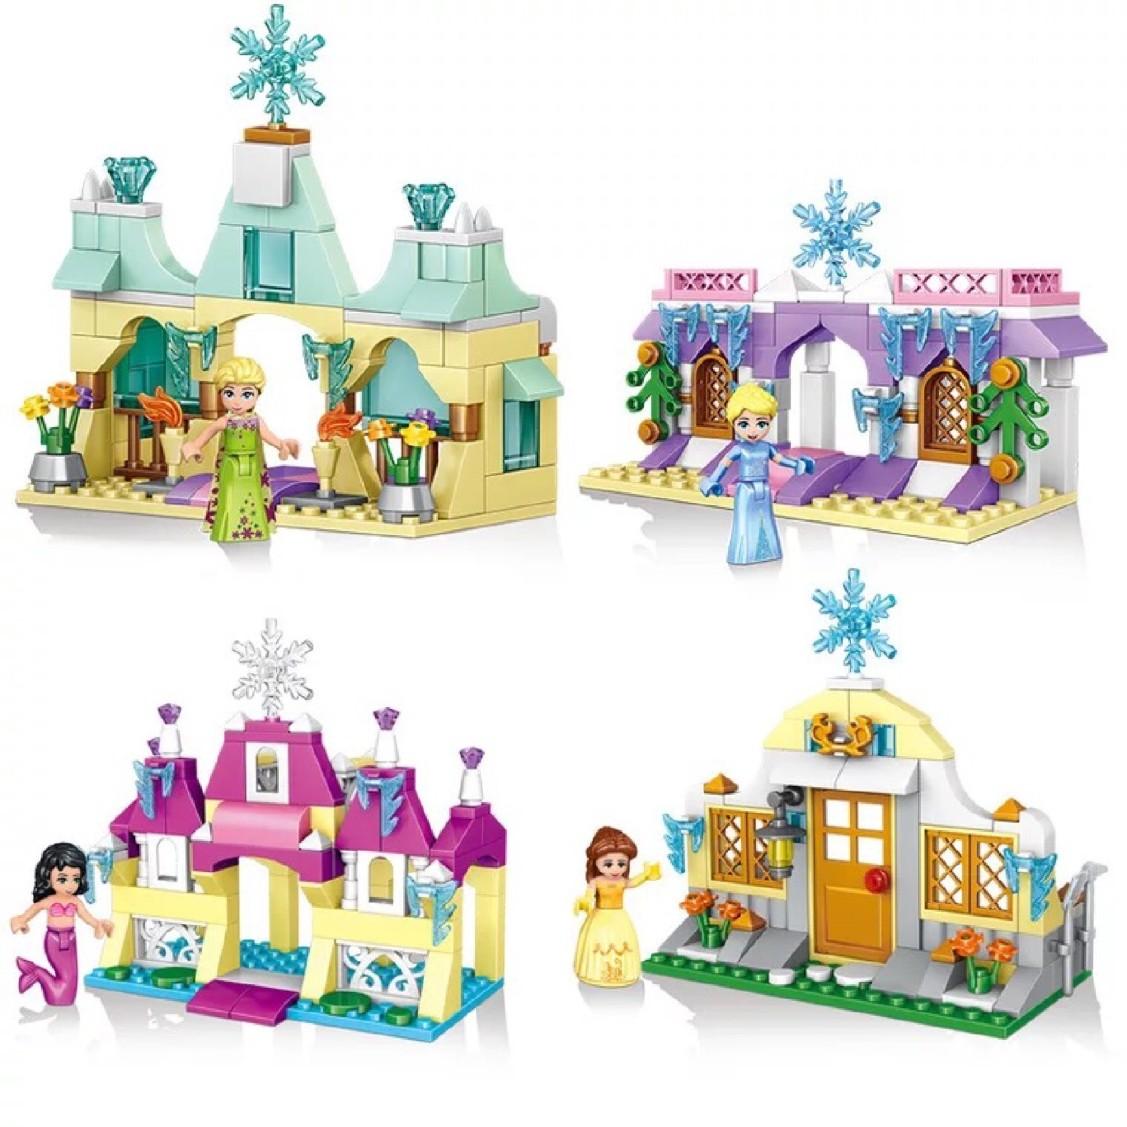 将牌新款玩具拼装益智小车海女孩积木儿童颗粒公主系列四款37044儿童玩具冰雪洋球图片